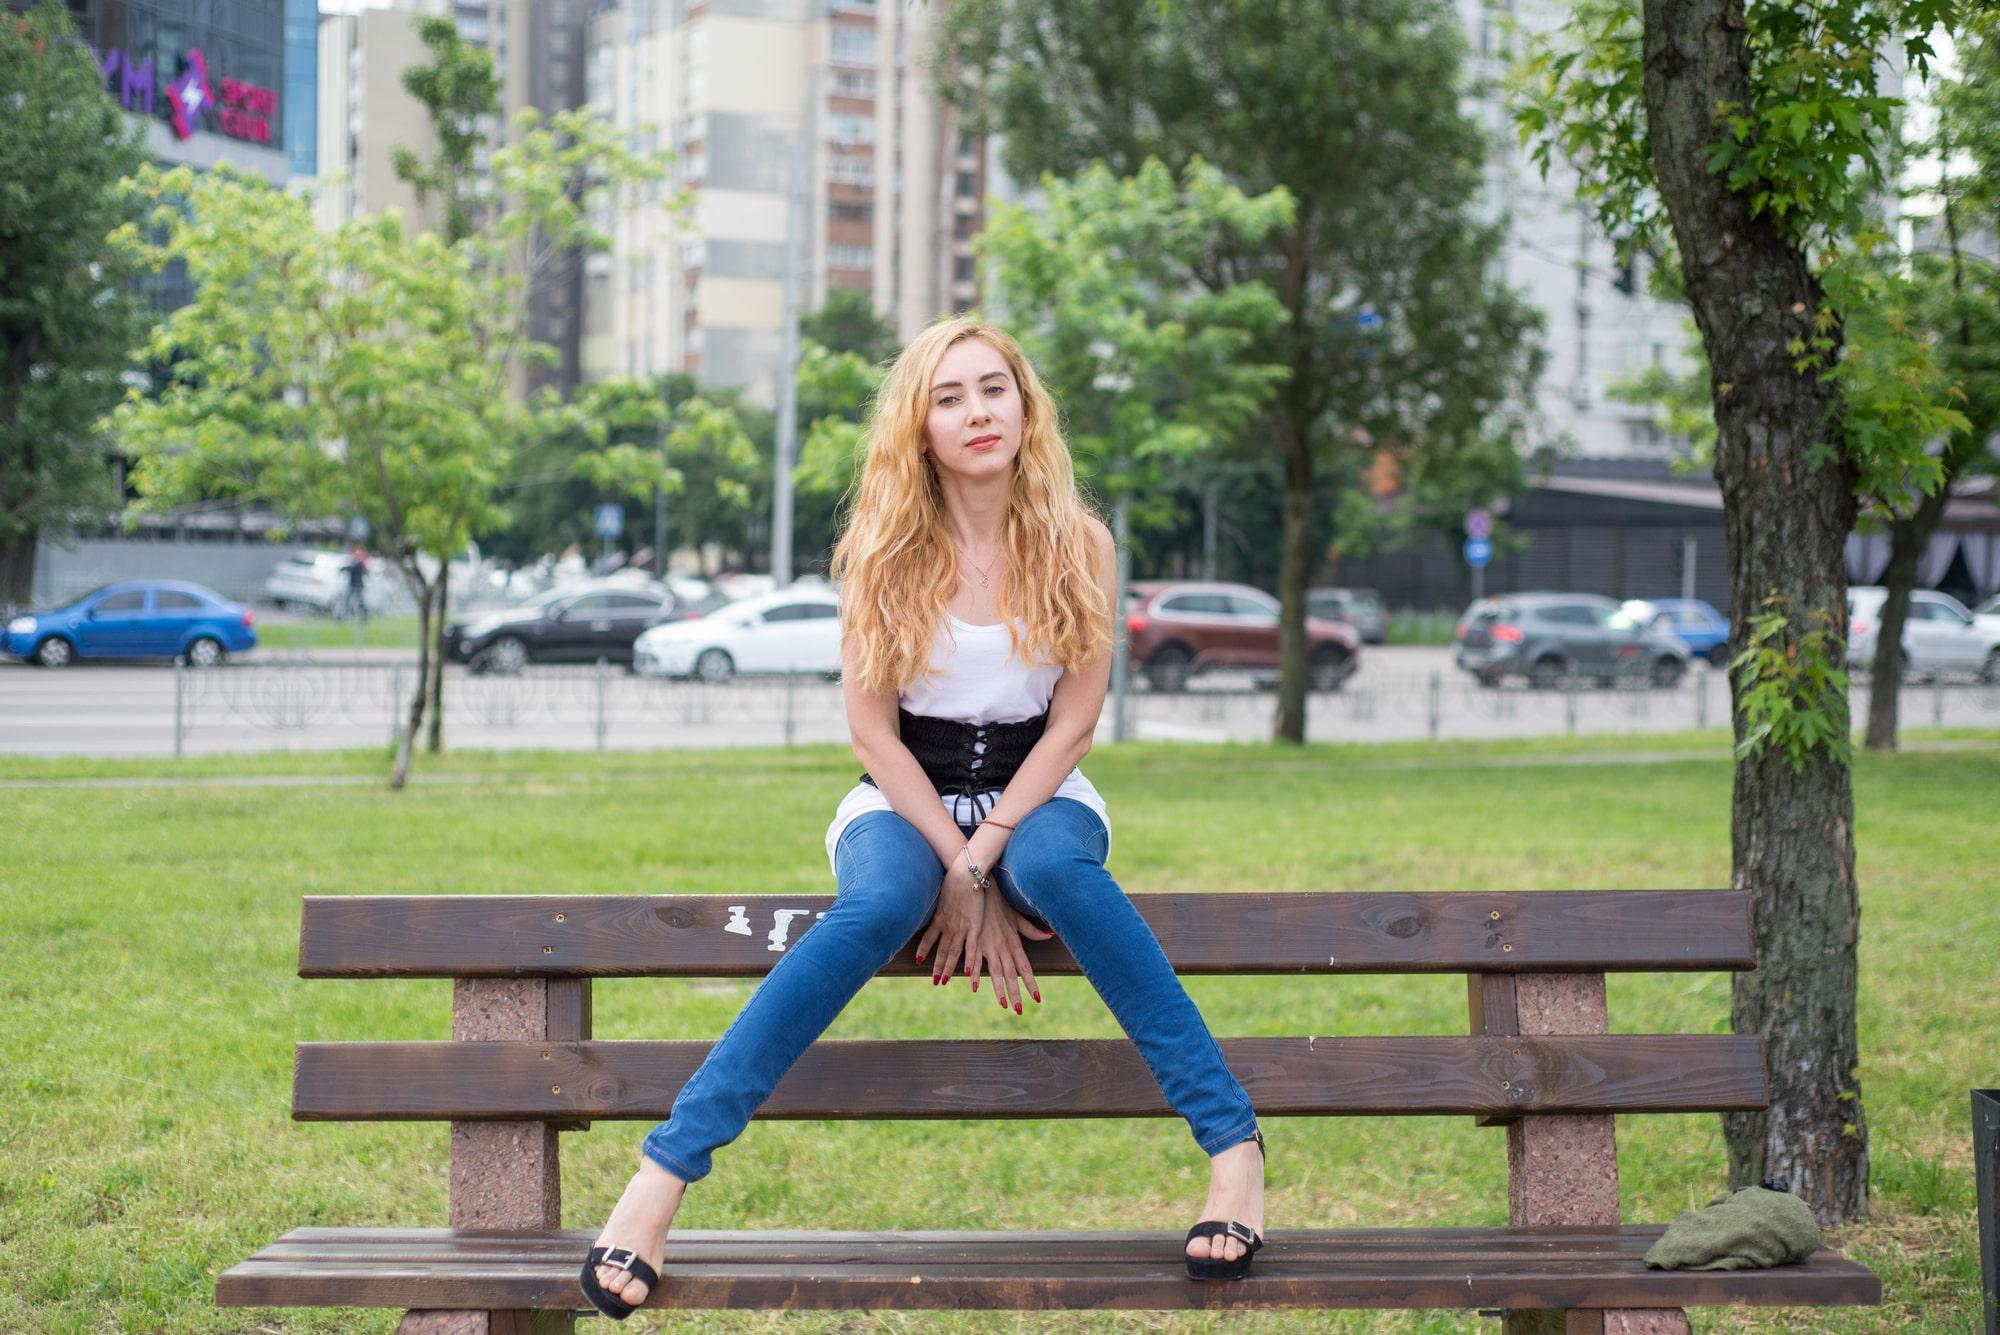 Женщина на скамейке - Фотограф Женя Лайт